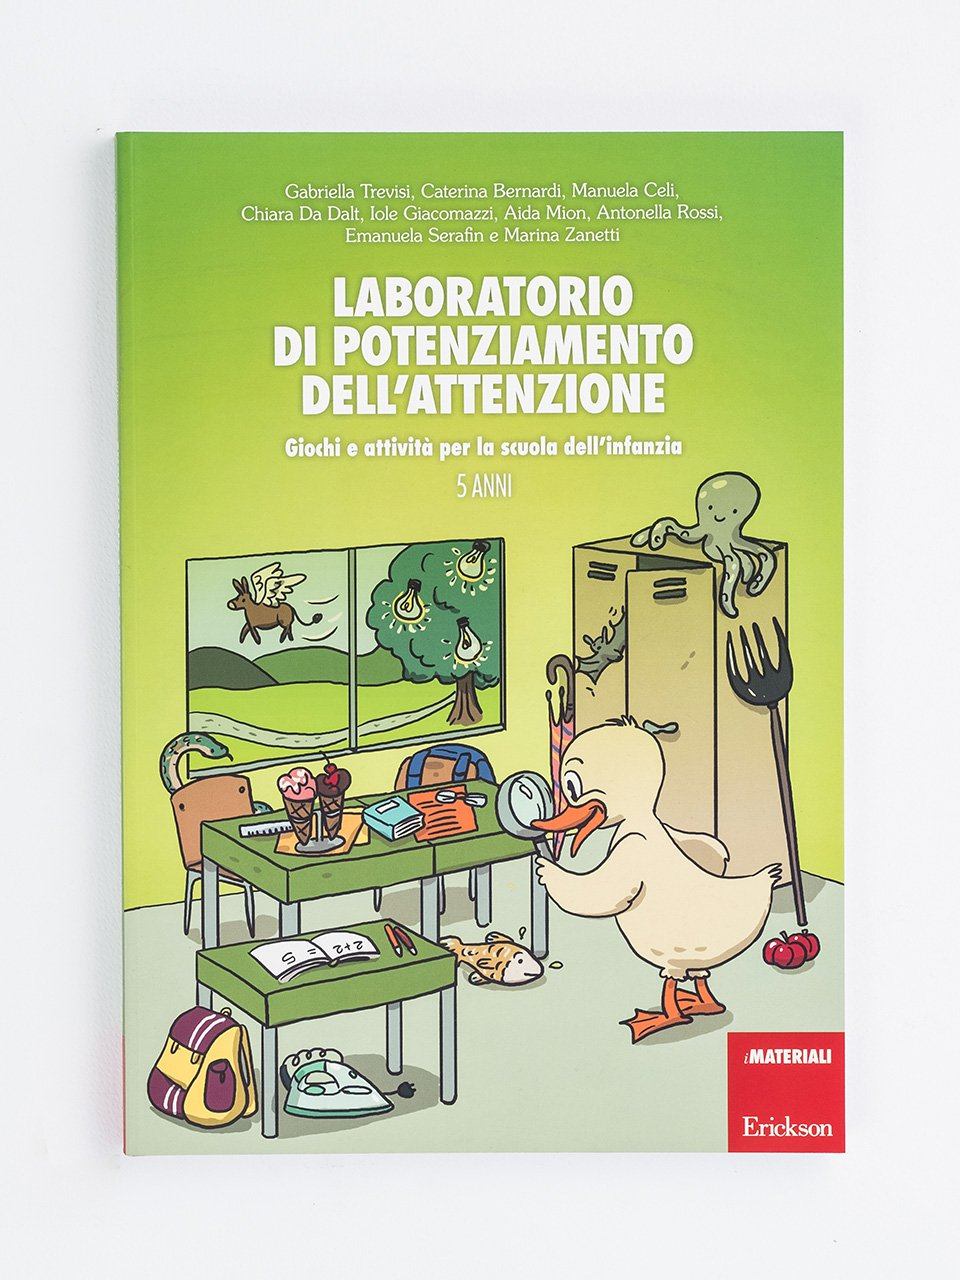 Laboratorio di potenziamento dell'attenzione - Conosco il mondo con la LIS - Libri - Erickson